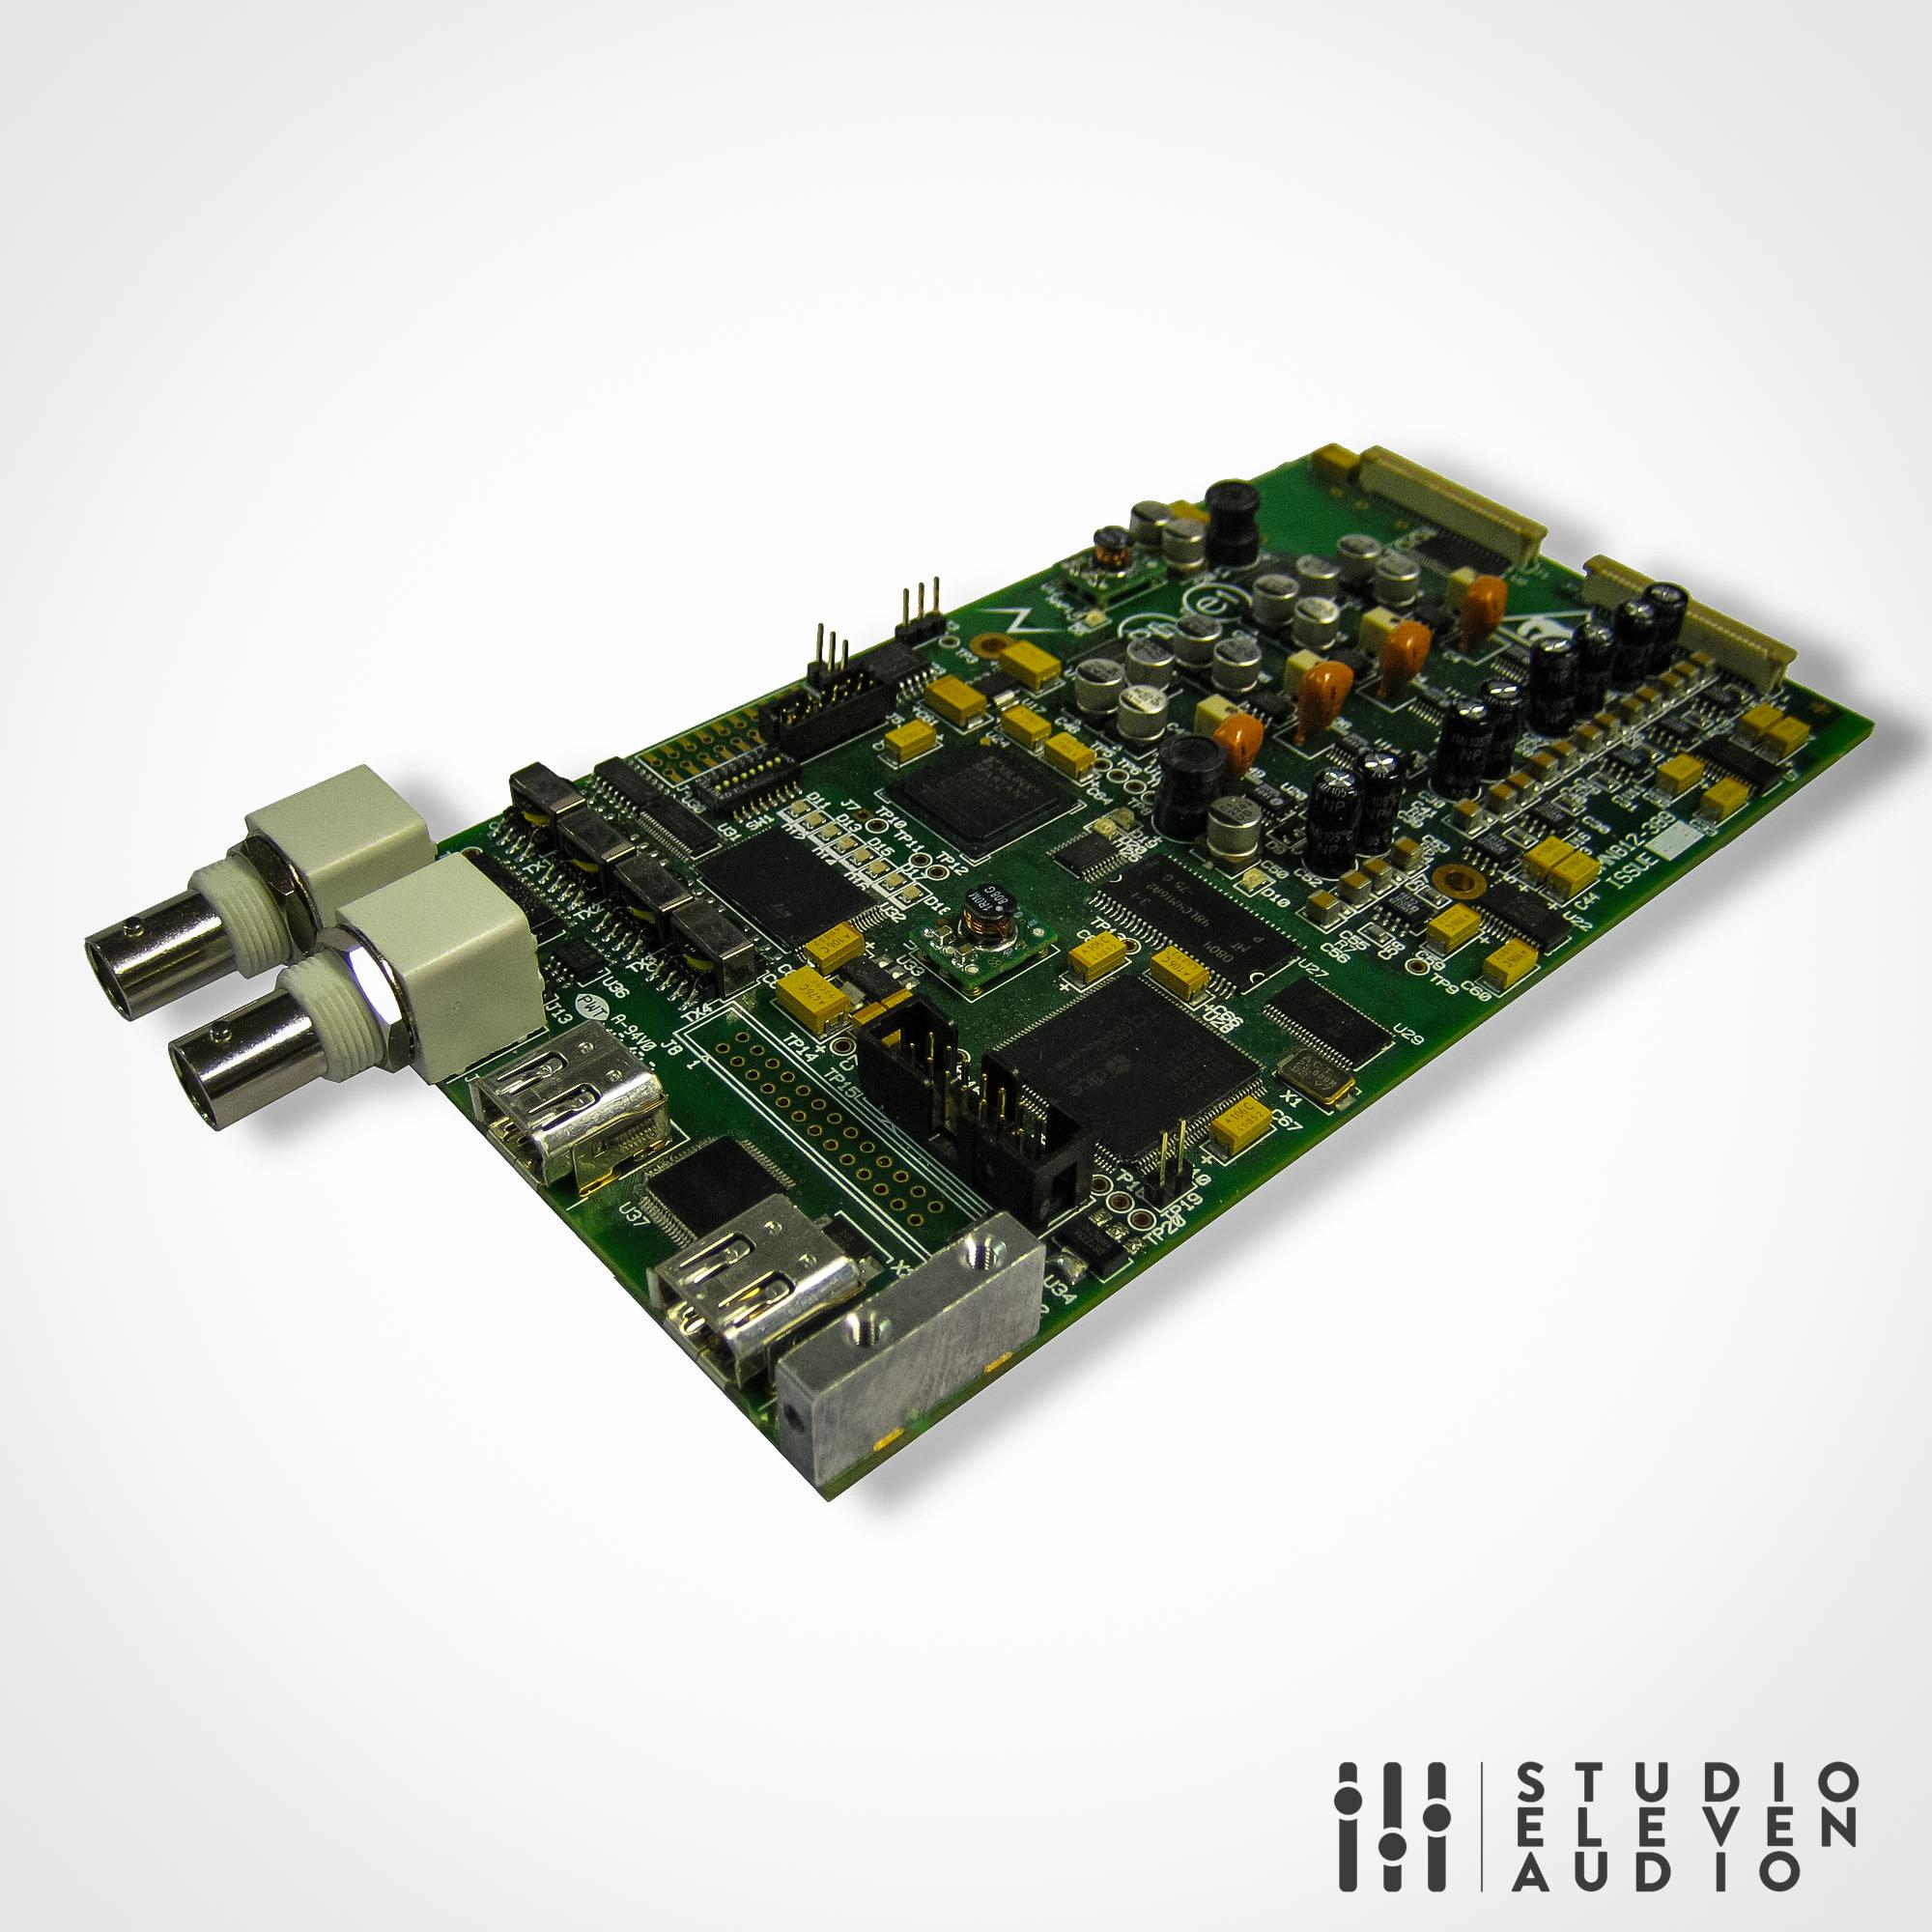 Neve 4081 Rack Kit